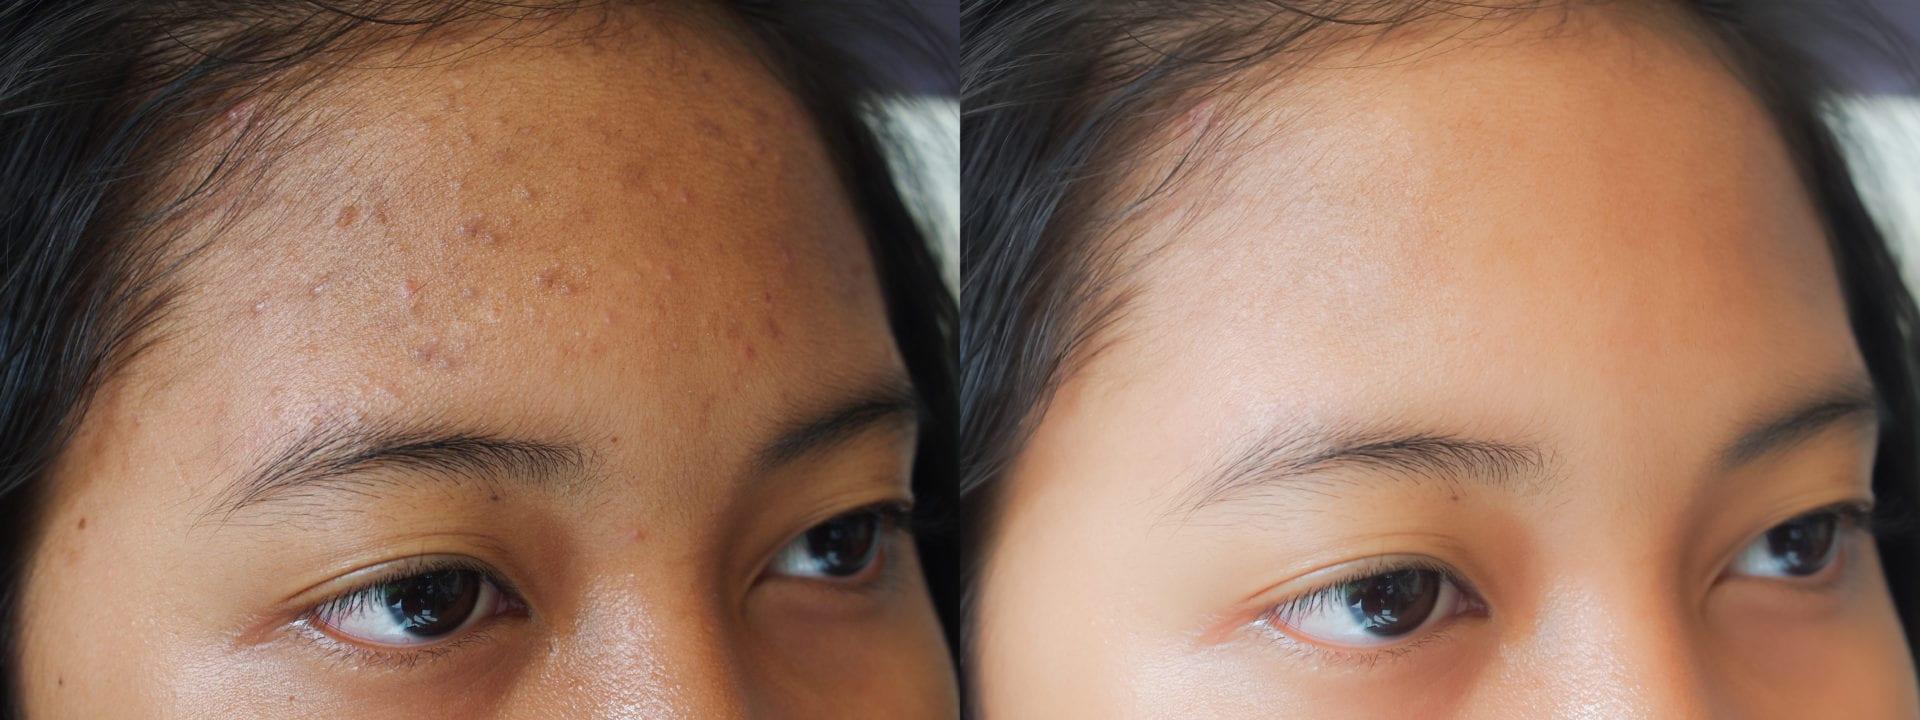 Voor en na foto Acne behandeling Aziatische huid